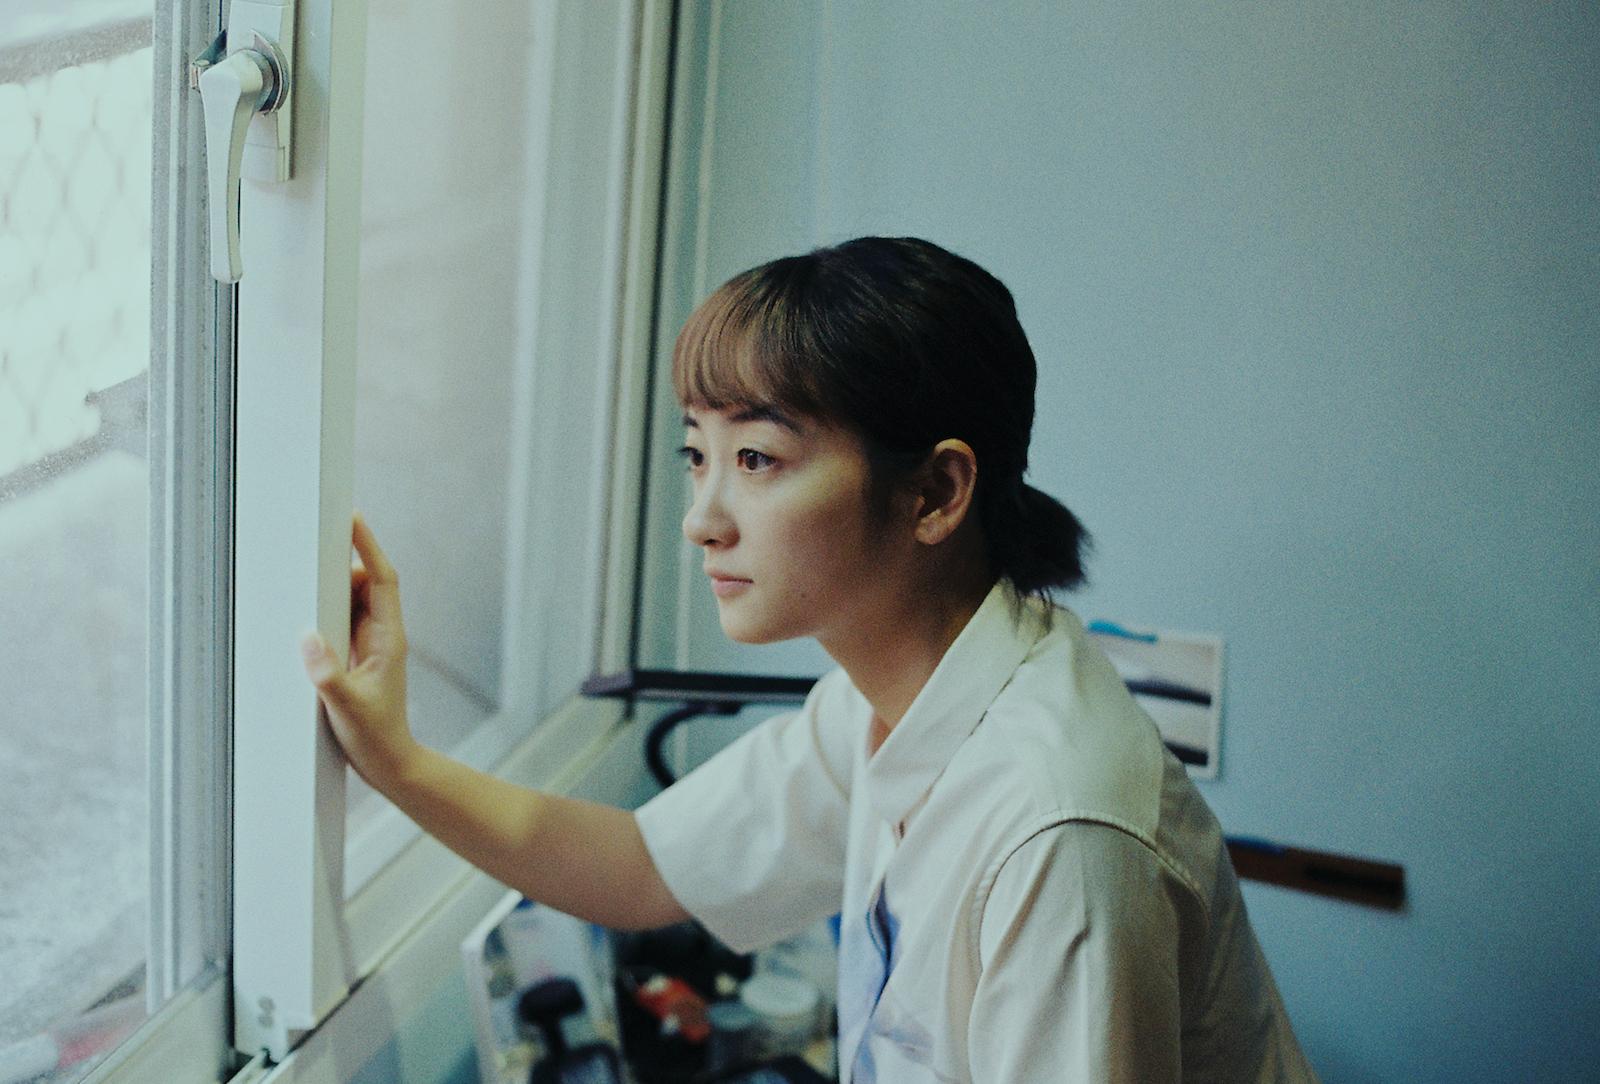 房間 003 Lily Chen:有時房間沒有保護我,但我還是在裡面